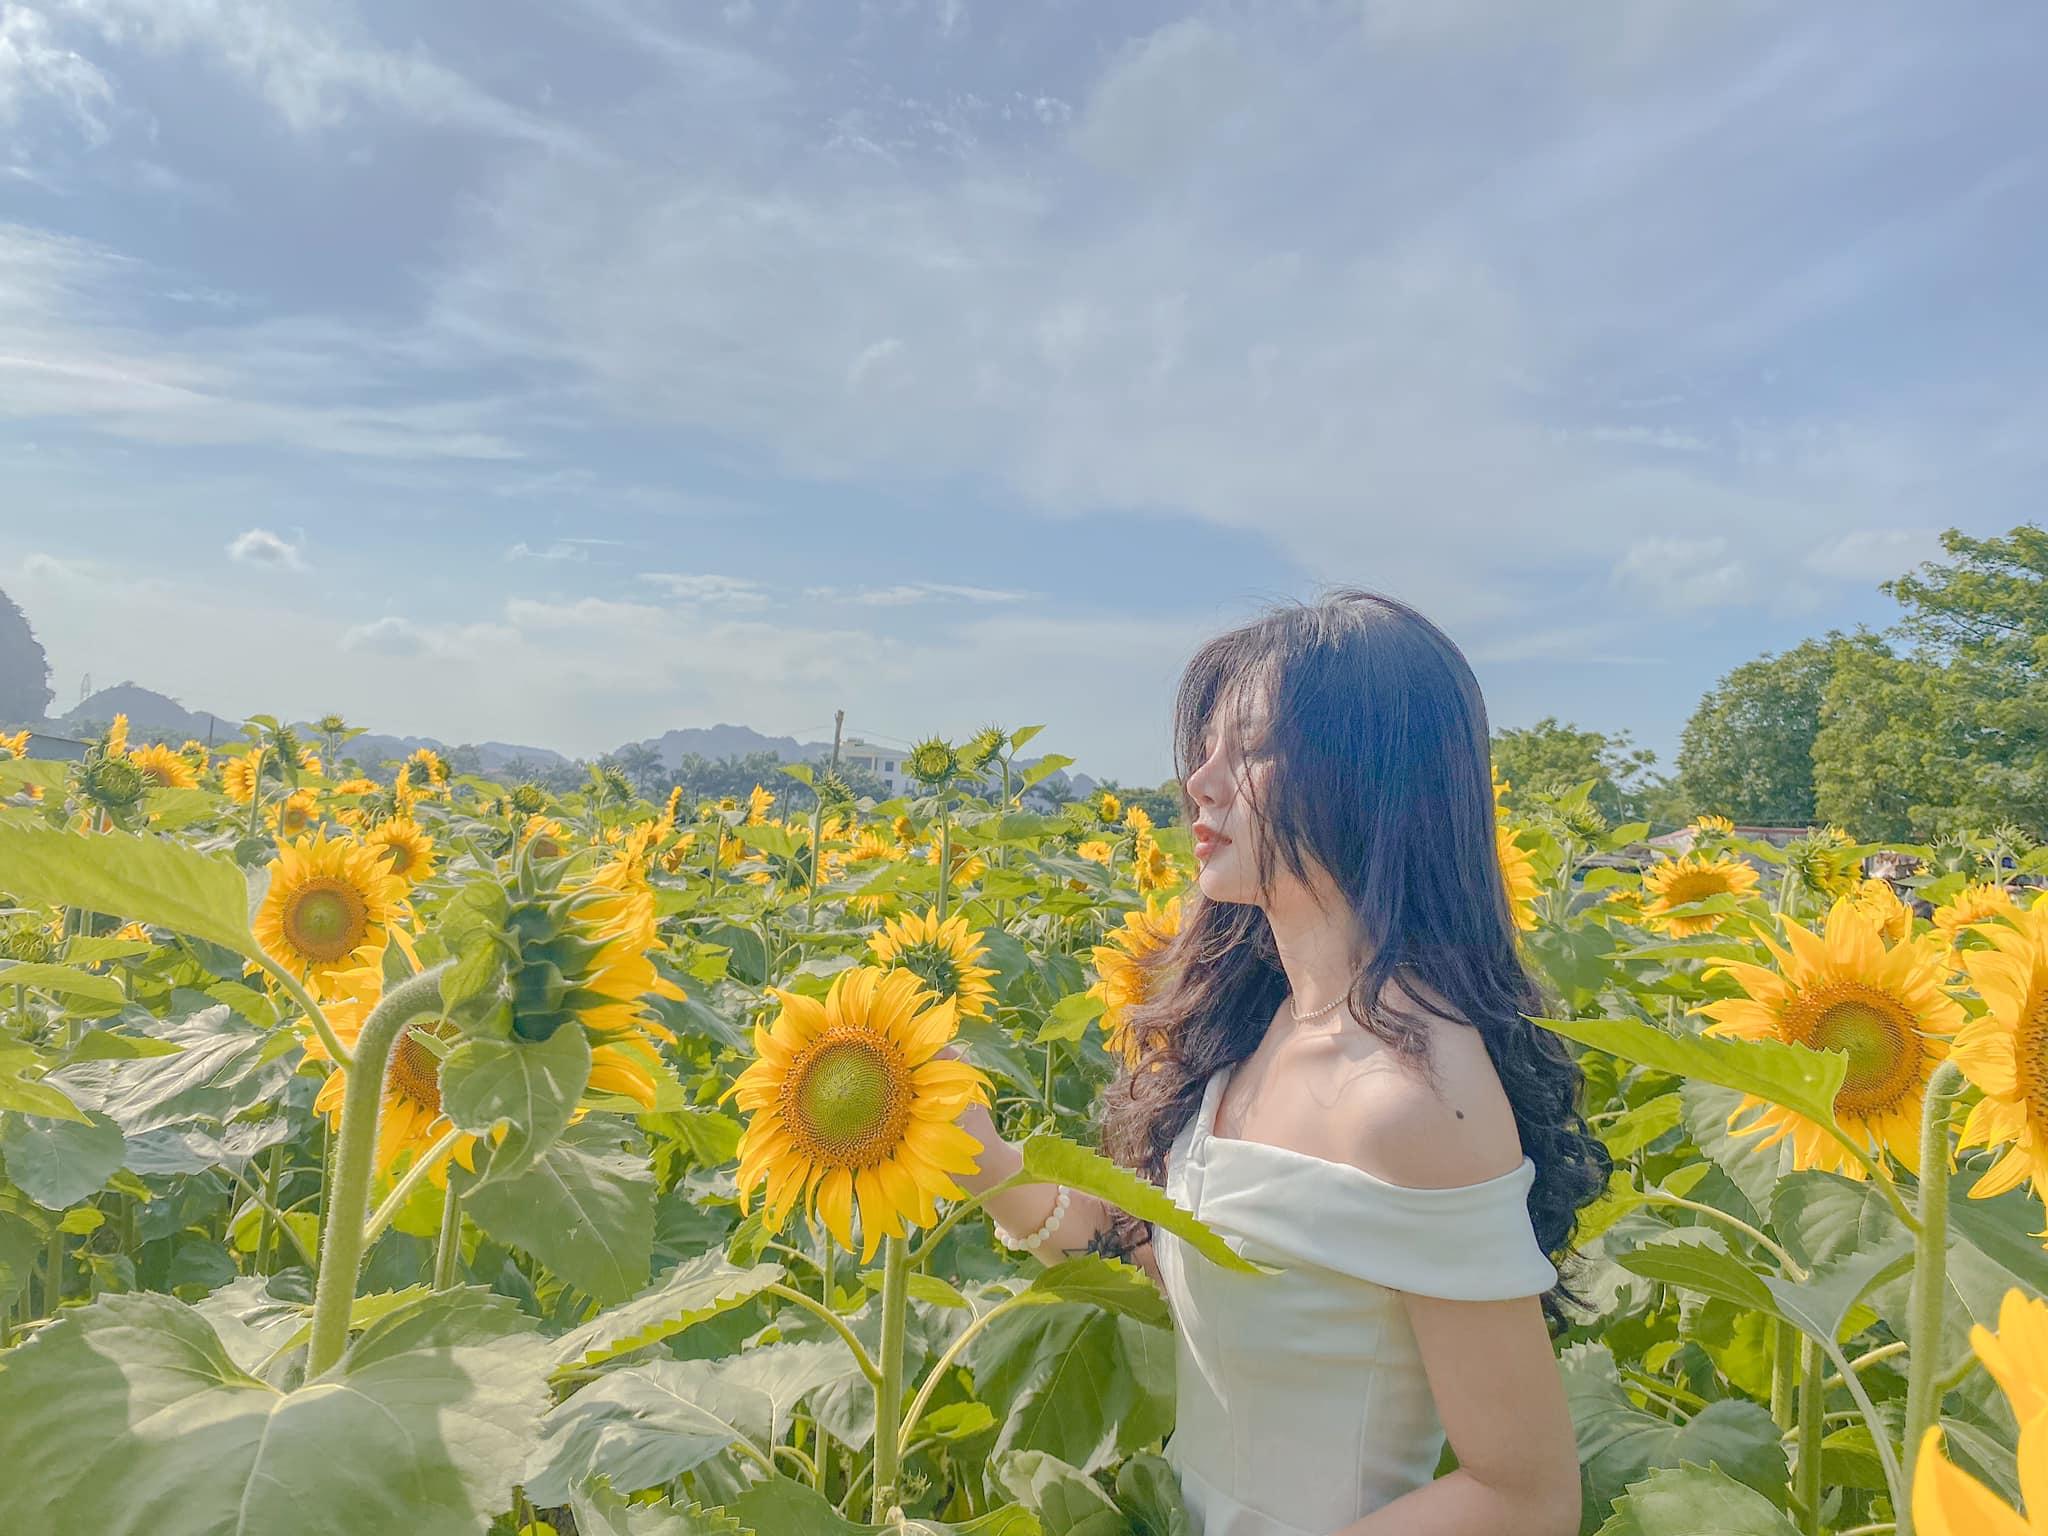 Mê mẩn vẻ đẹp cánh đồng hoa hướng dương nổi tiếng tại Nghệ An - Ảnh 5.